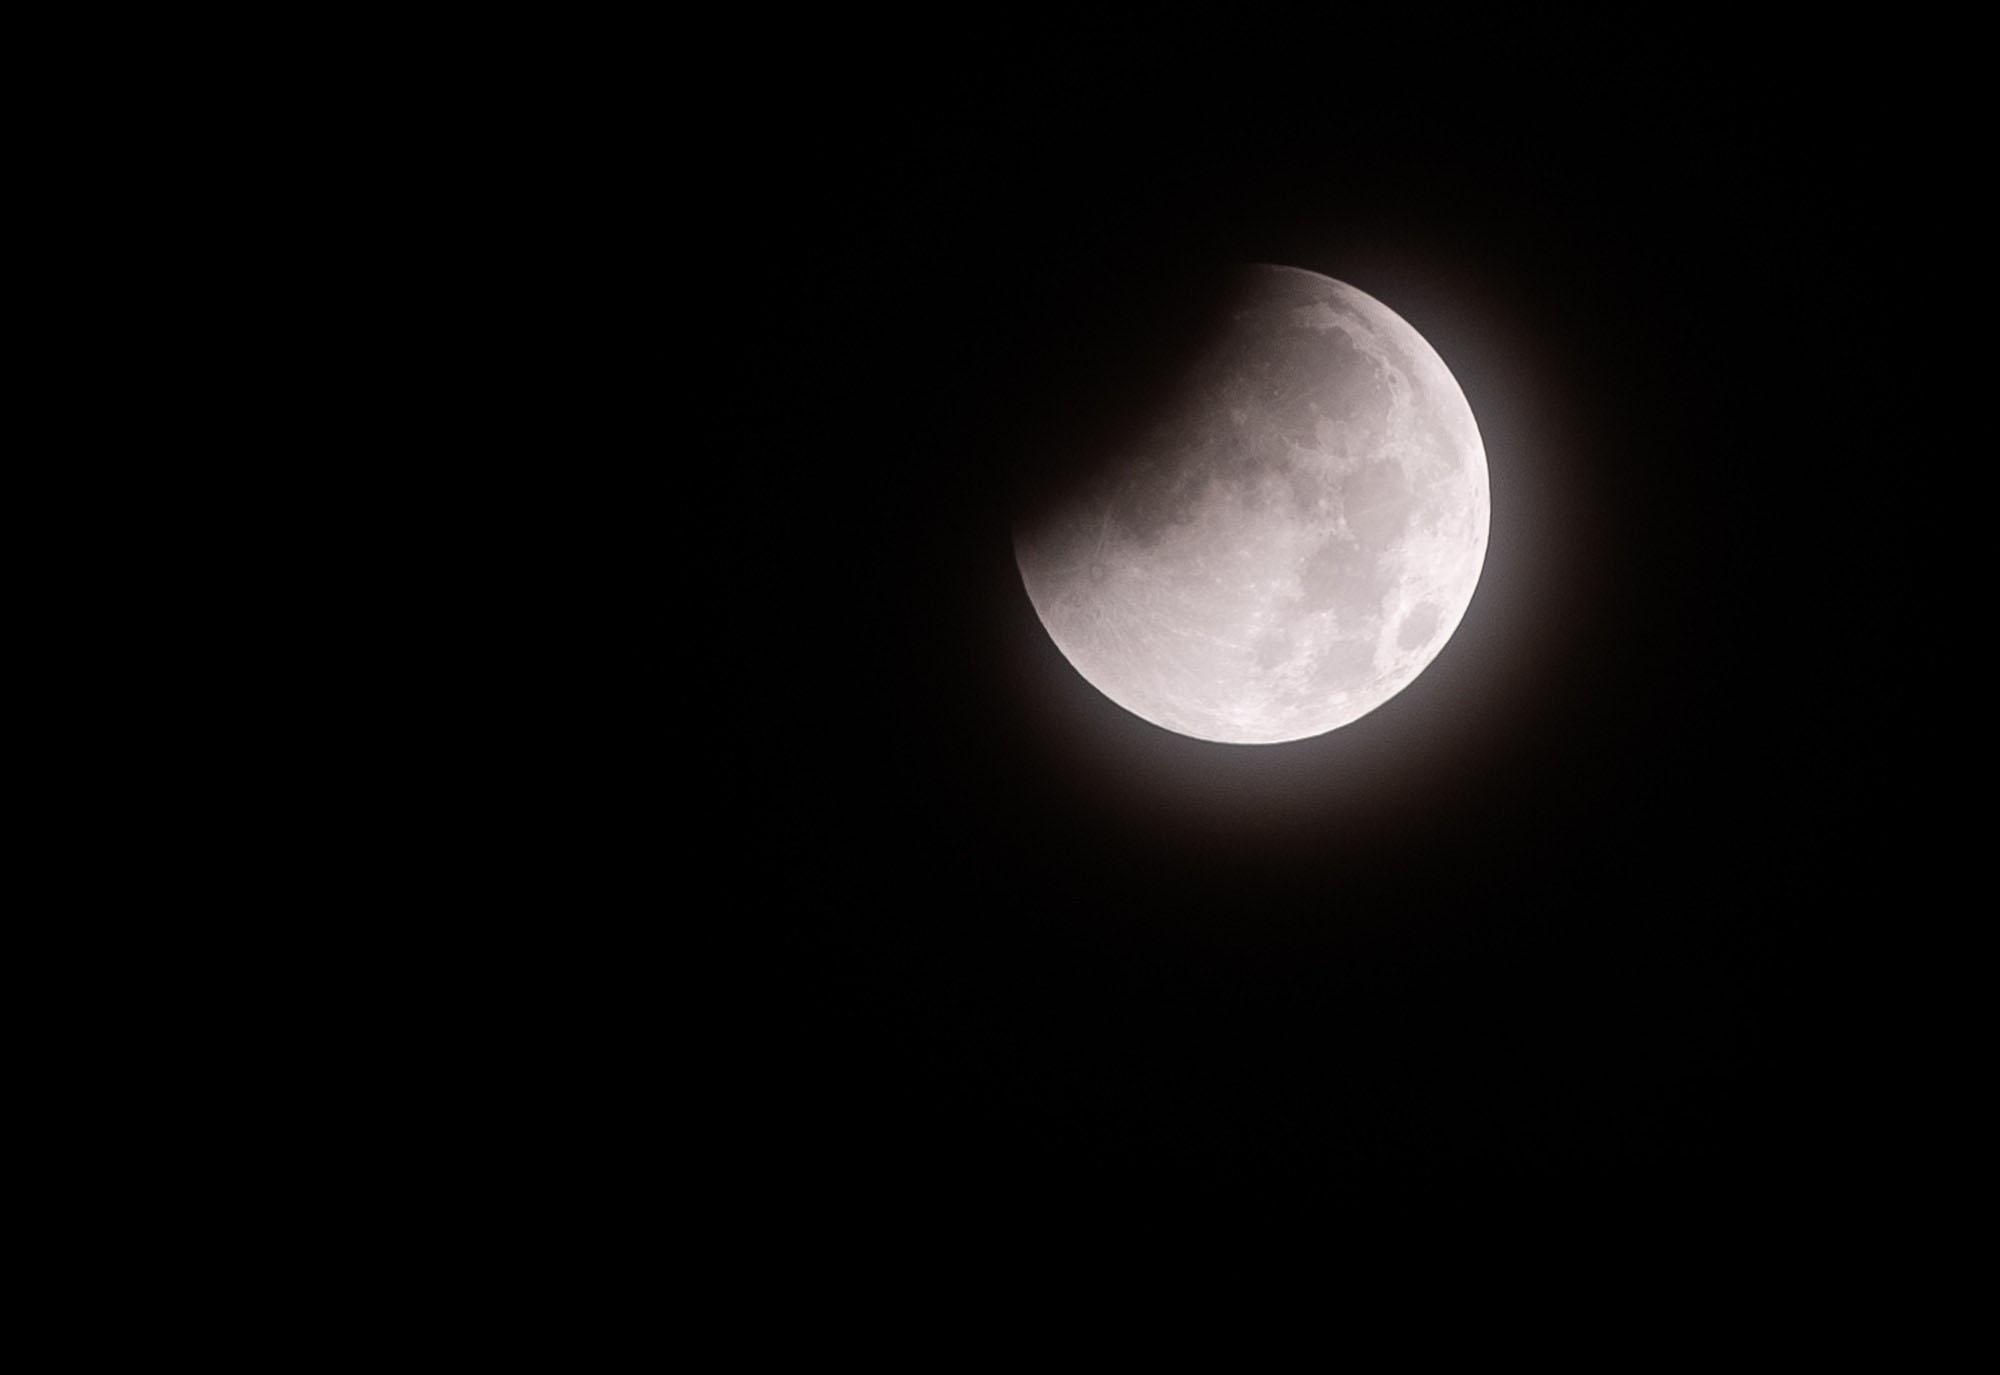 Hình ảnh mặt trăng khuyết